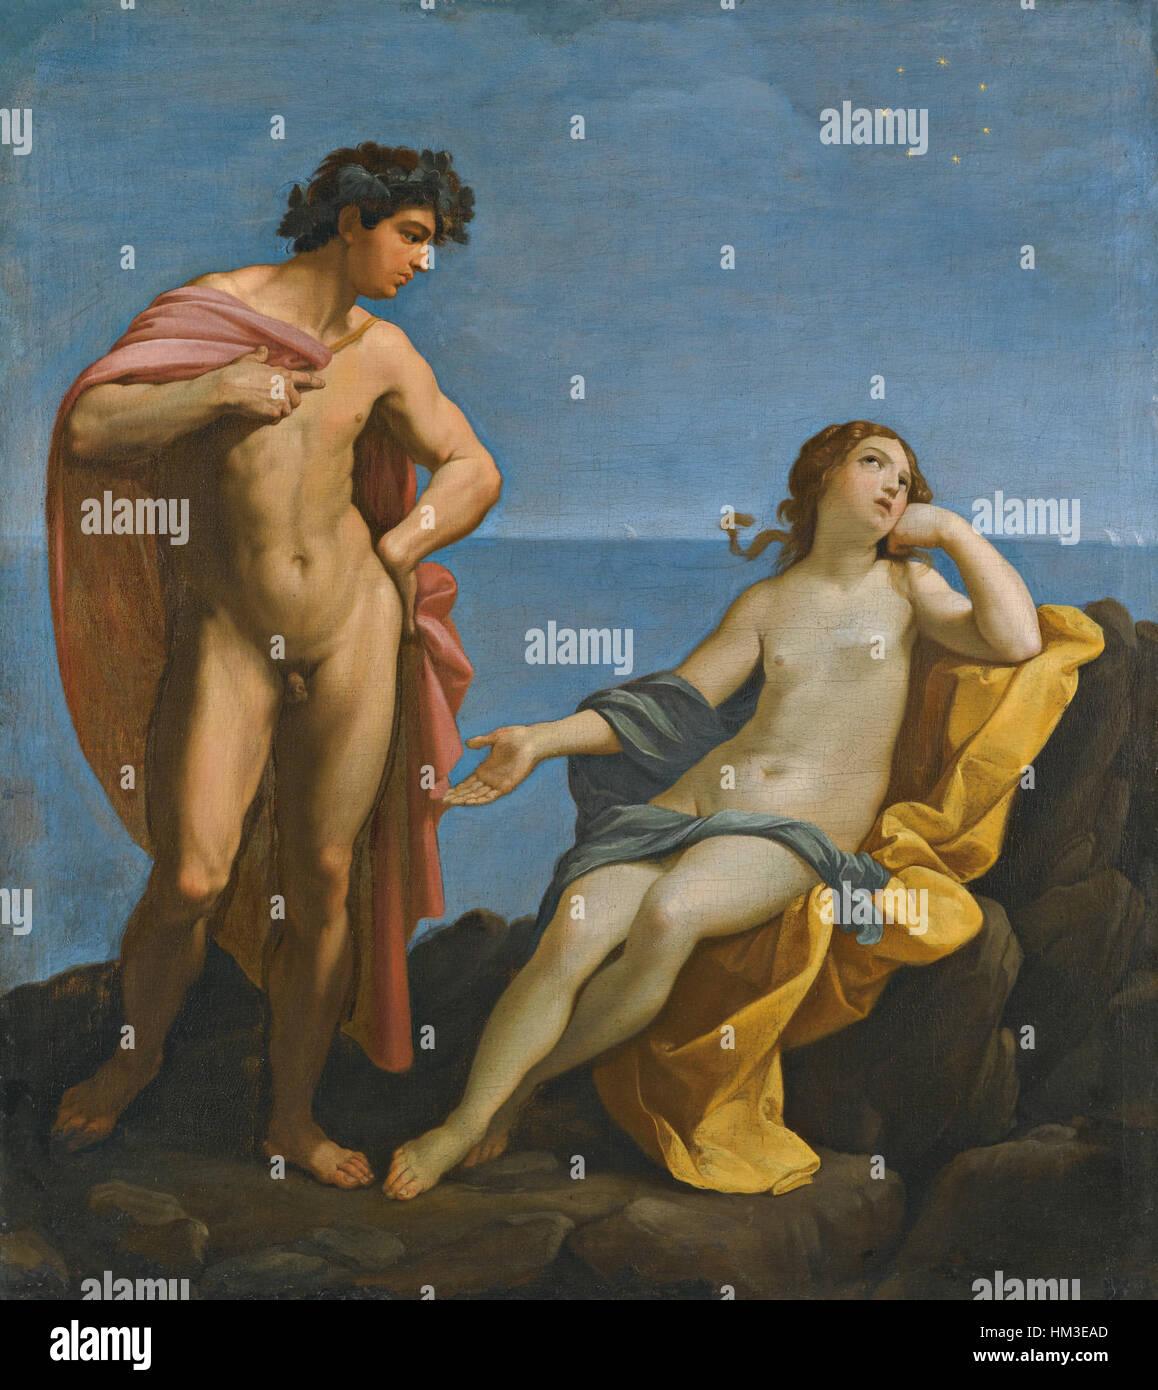 Guido Reni - Bacchus and Ariadne Stock Photo